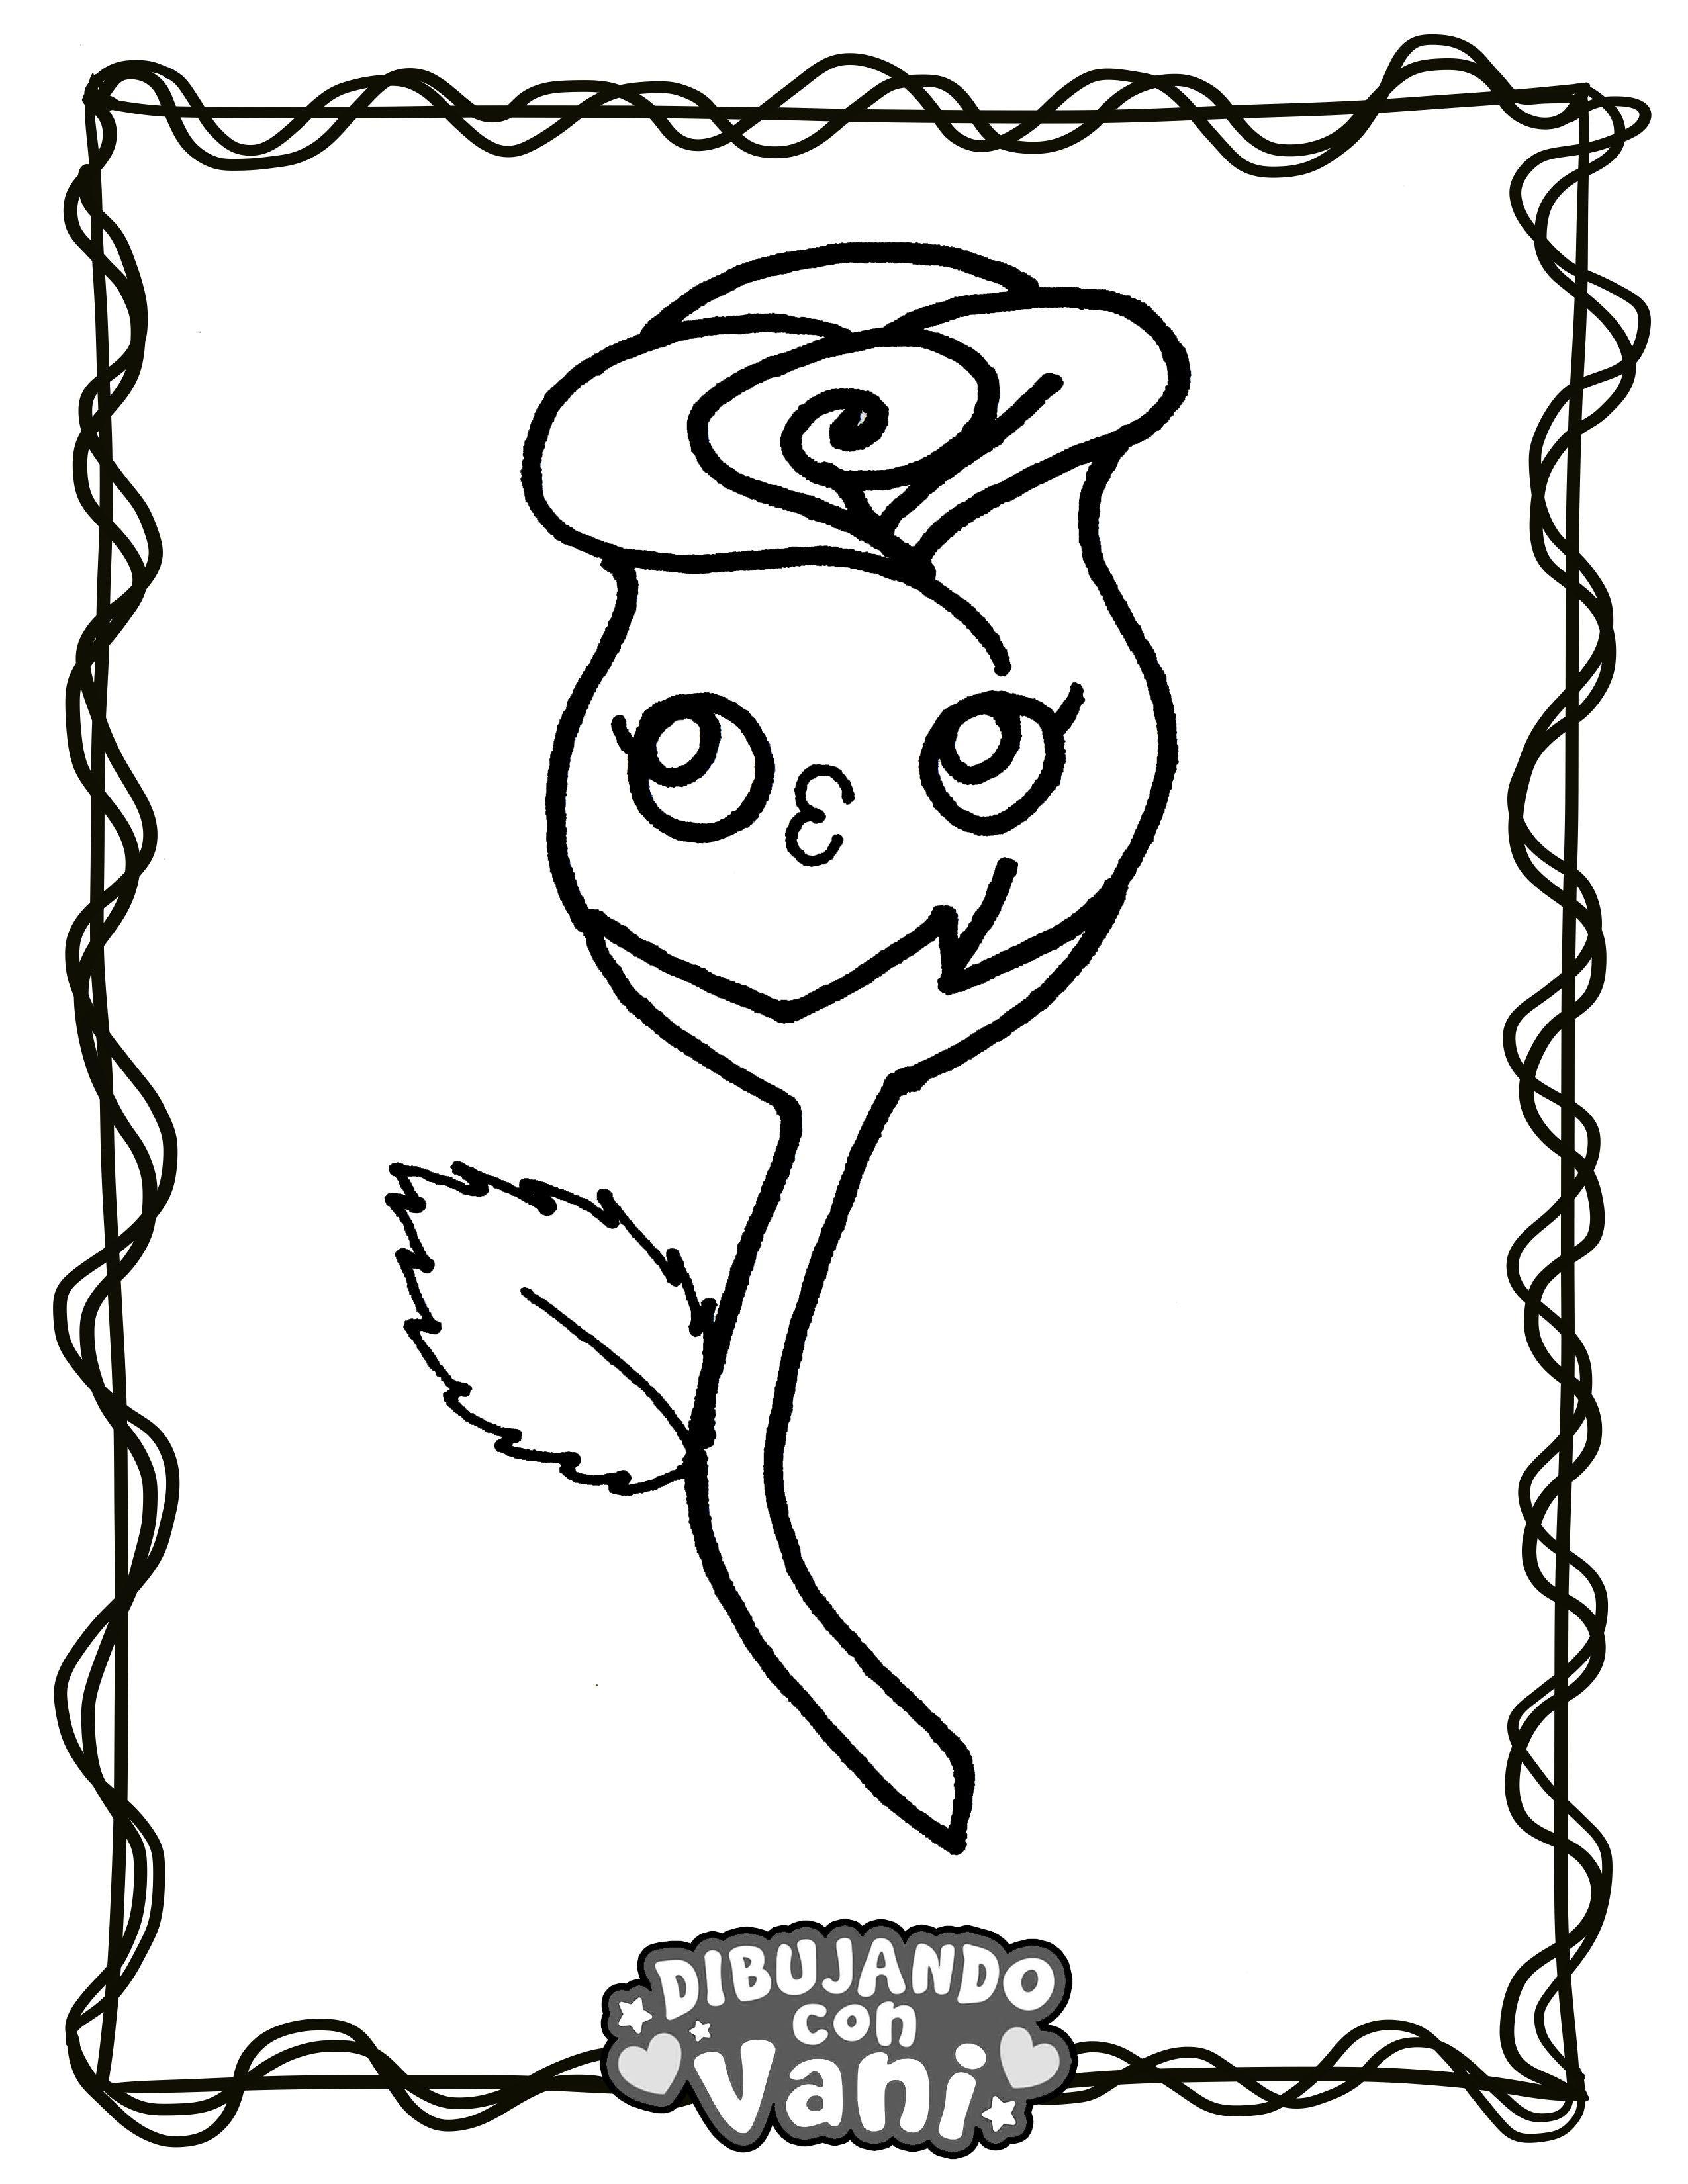 Dibujos Kawaii Para Colorear Dibujos Kawaii Dibujos Como